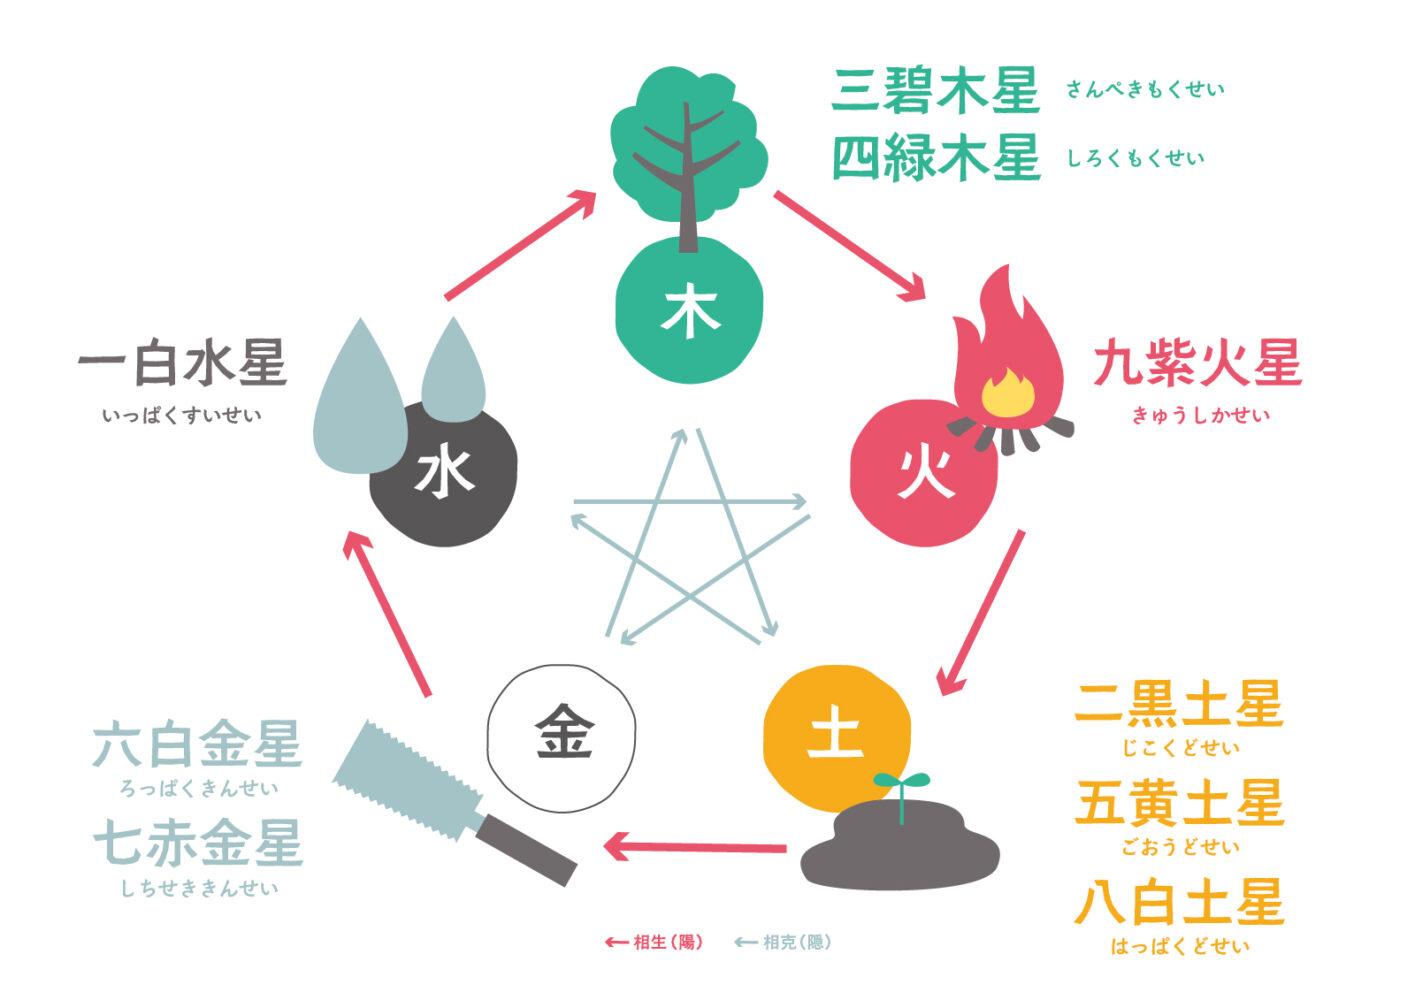 九星気学と陰陽五行の図